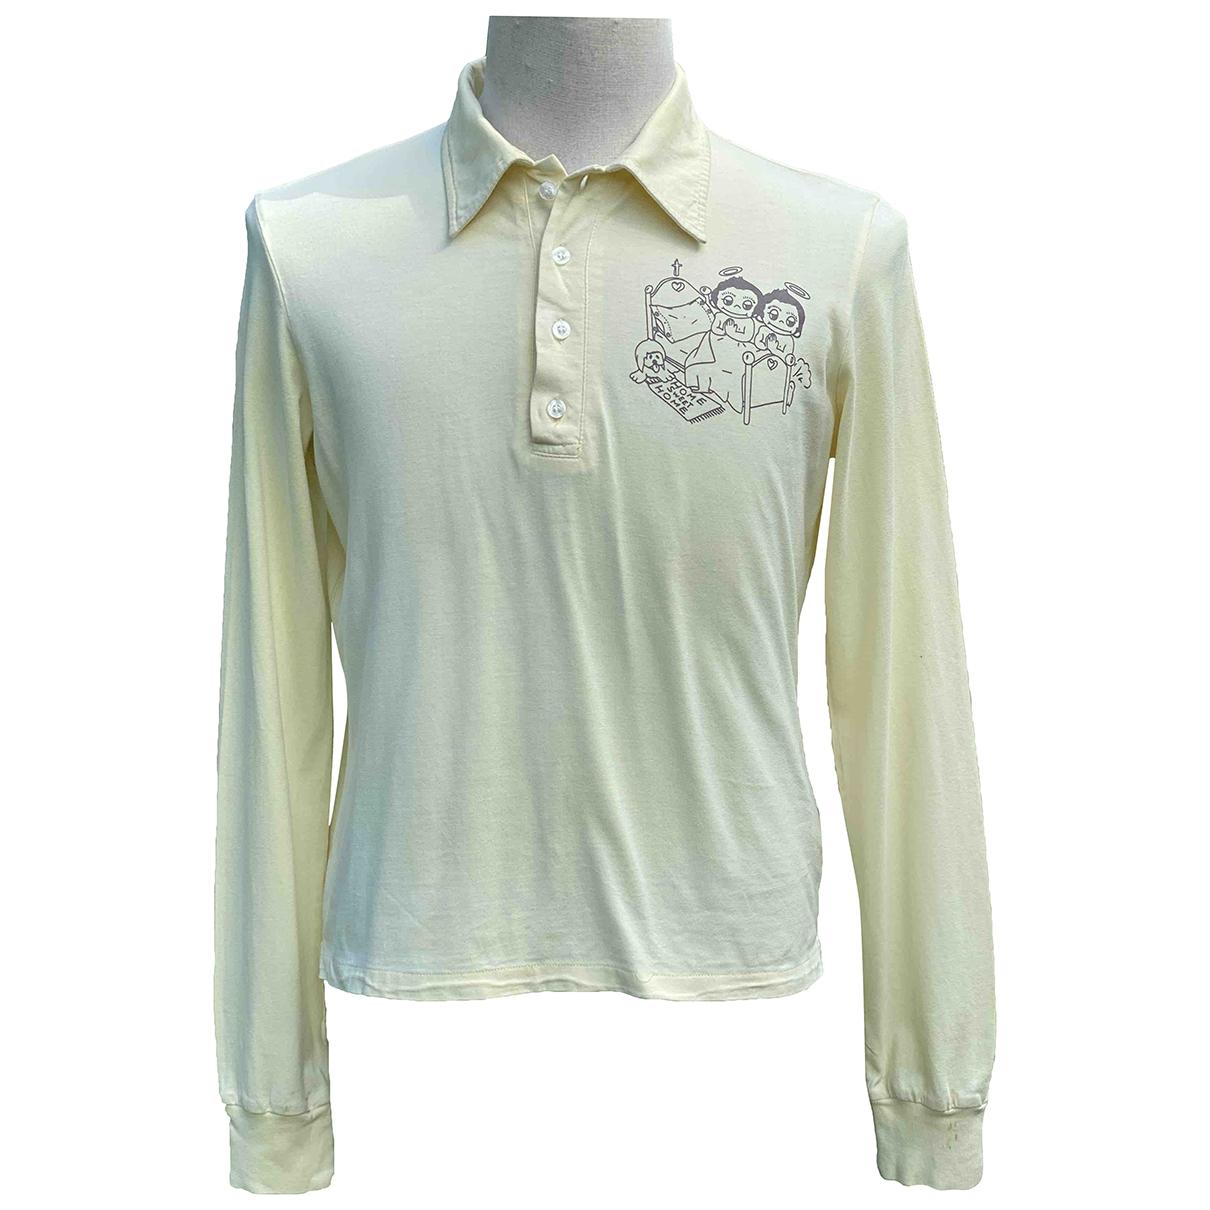 Dsquared2 - Tee shirts   pour homme en coton - jaune